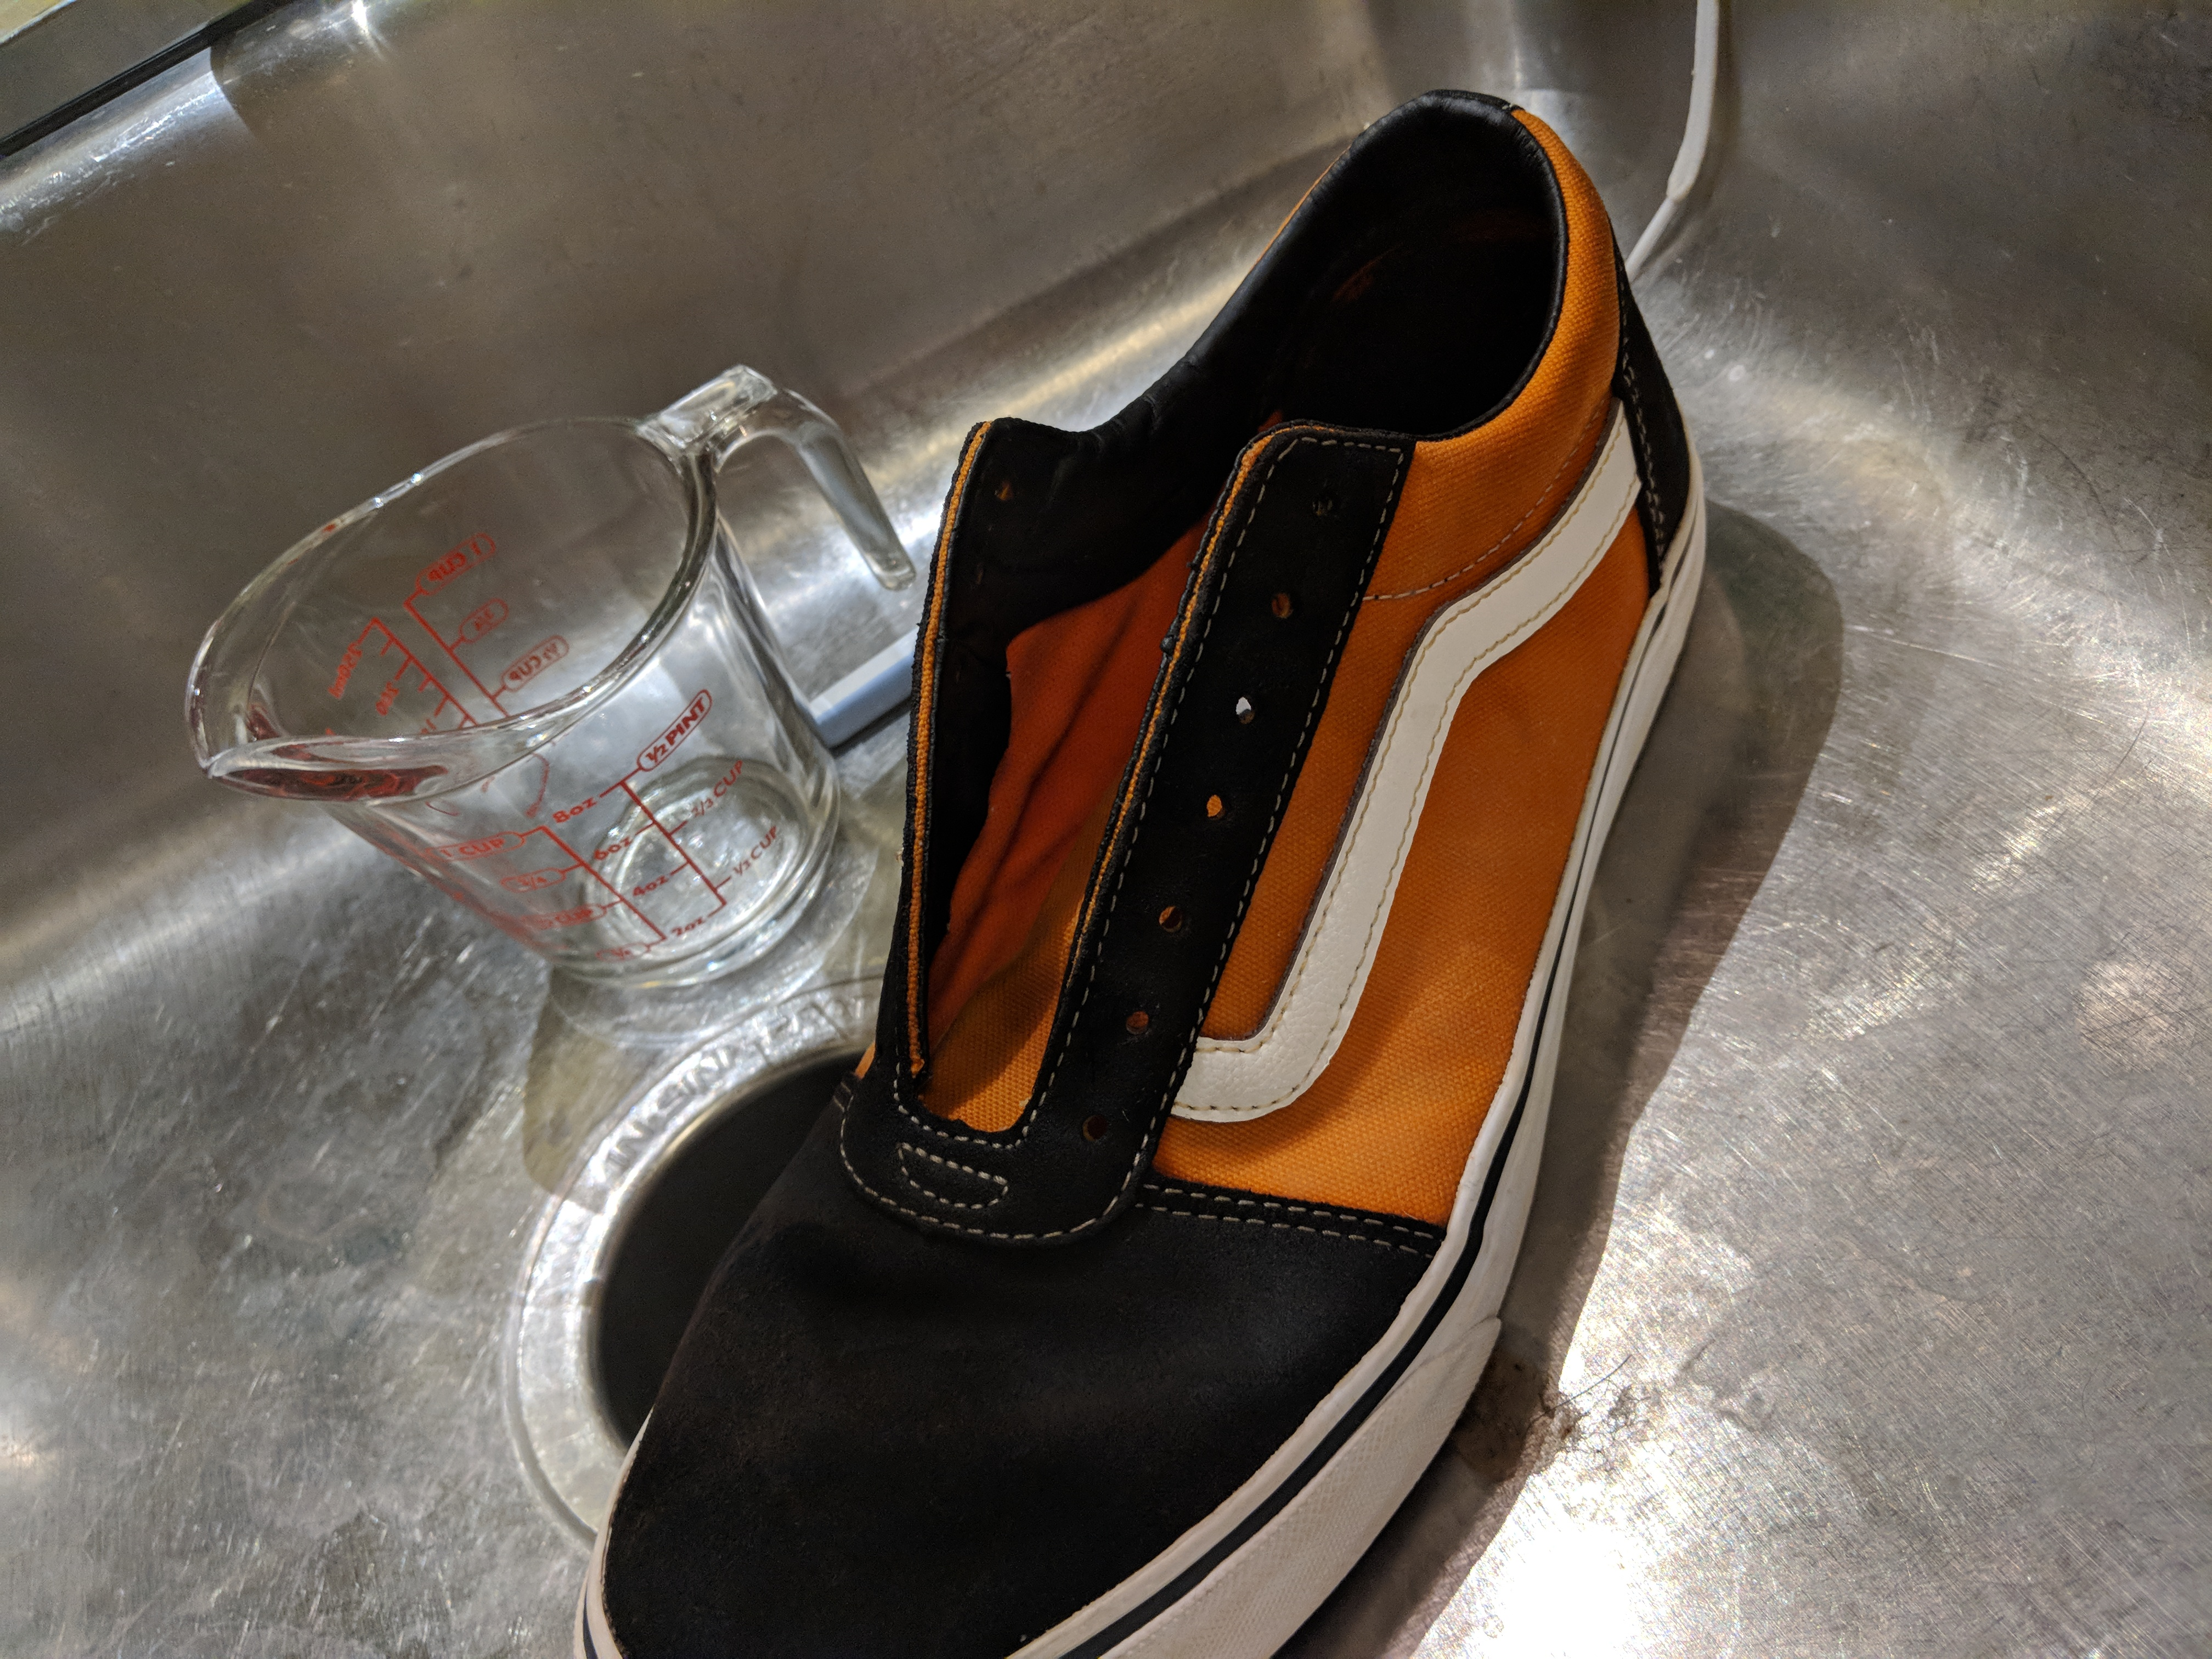 Bleached Vans Sneaker : 5 Steps